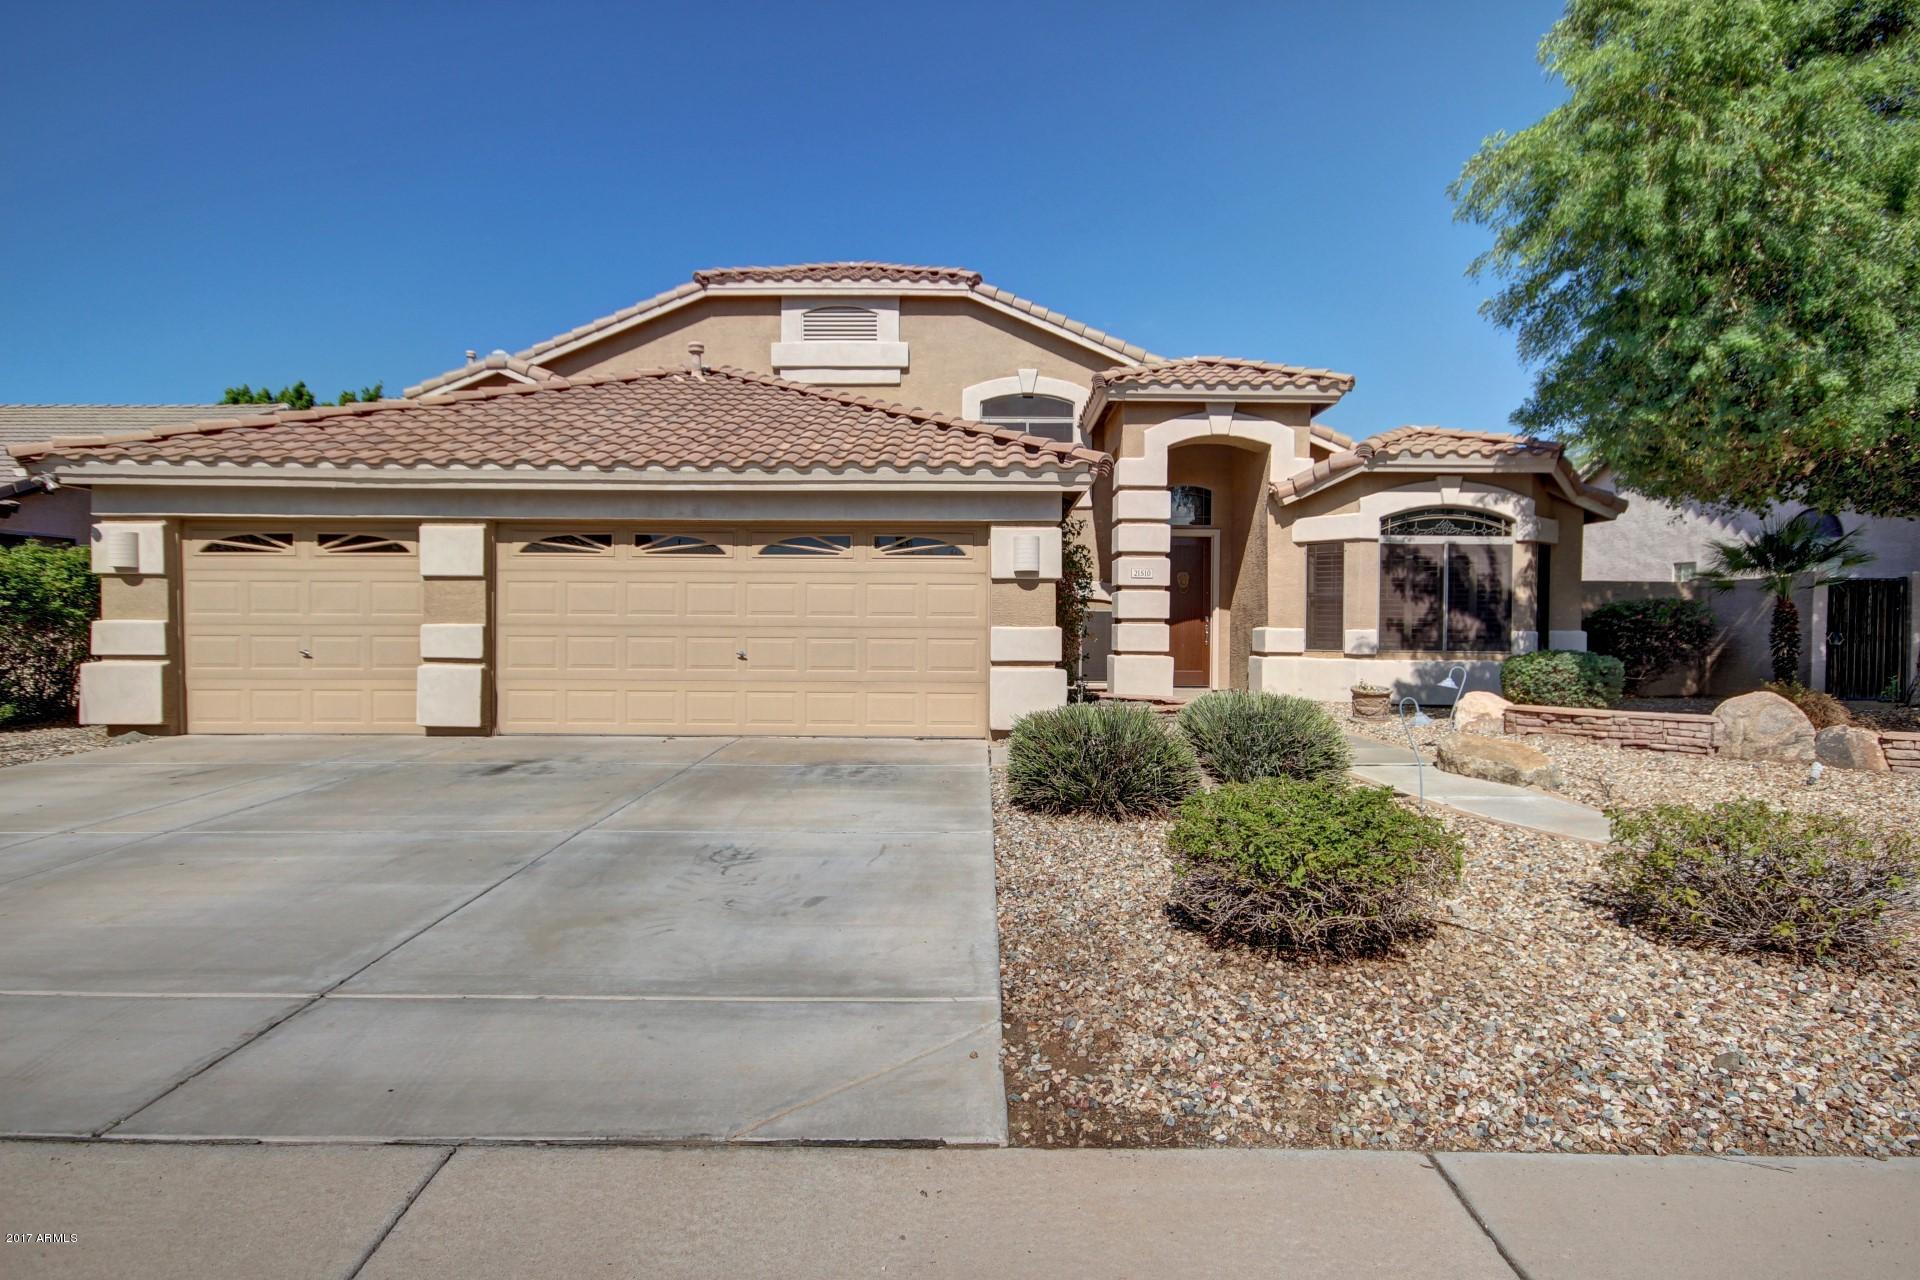 21510 N 70TH Drive, Glendale, AZ 85308